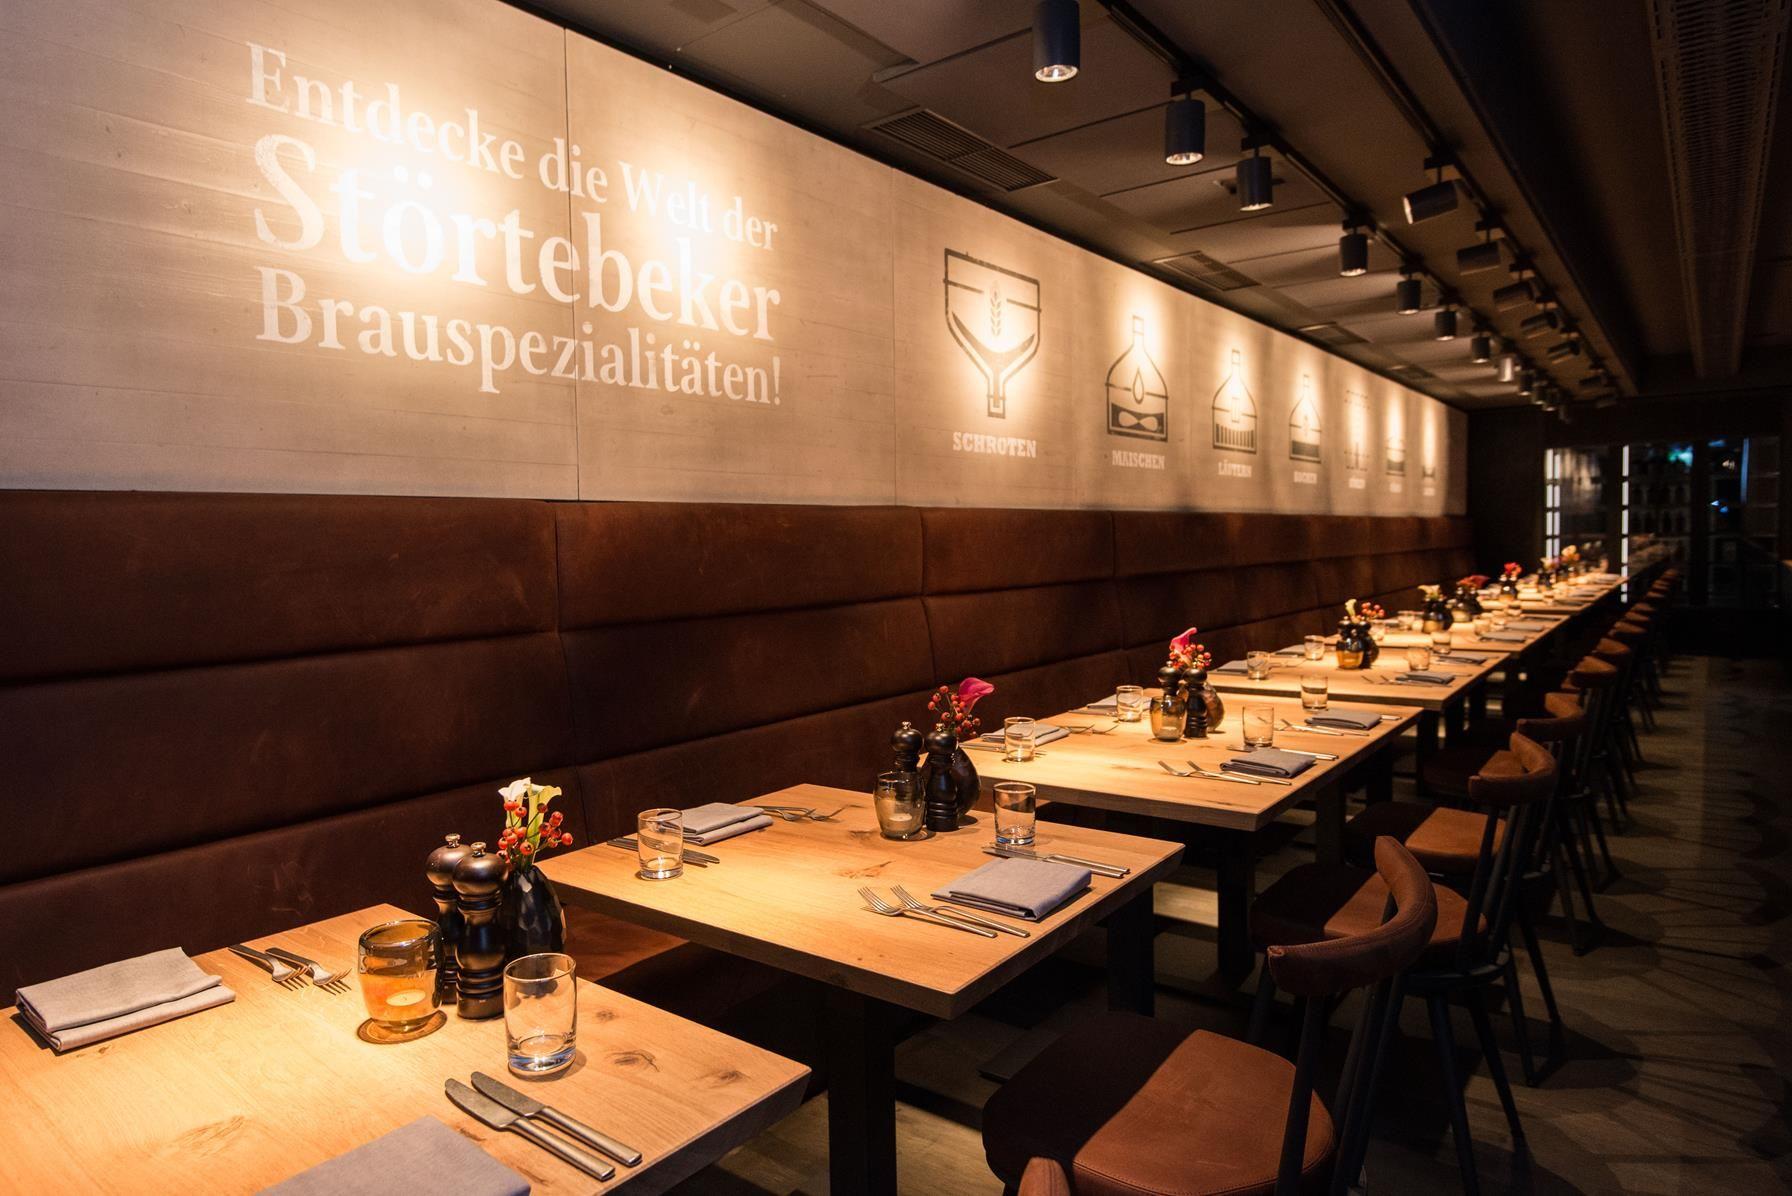 Das Restaurant Beer Dine Mit 220 Sitzplatzen Designkonzept Formwaende Foto C Stortebeker Elbphilharmonie Designkonzepte Design Konzept